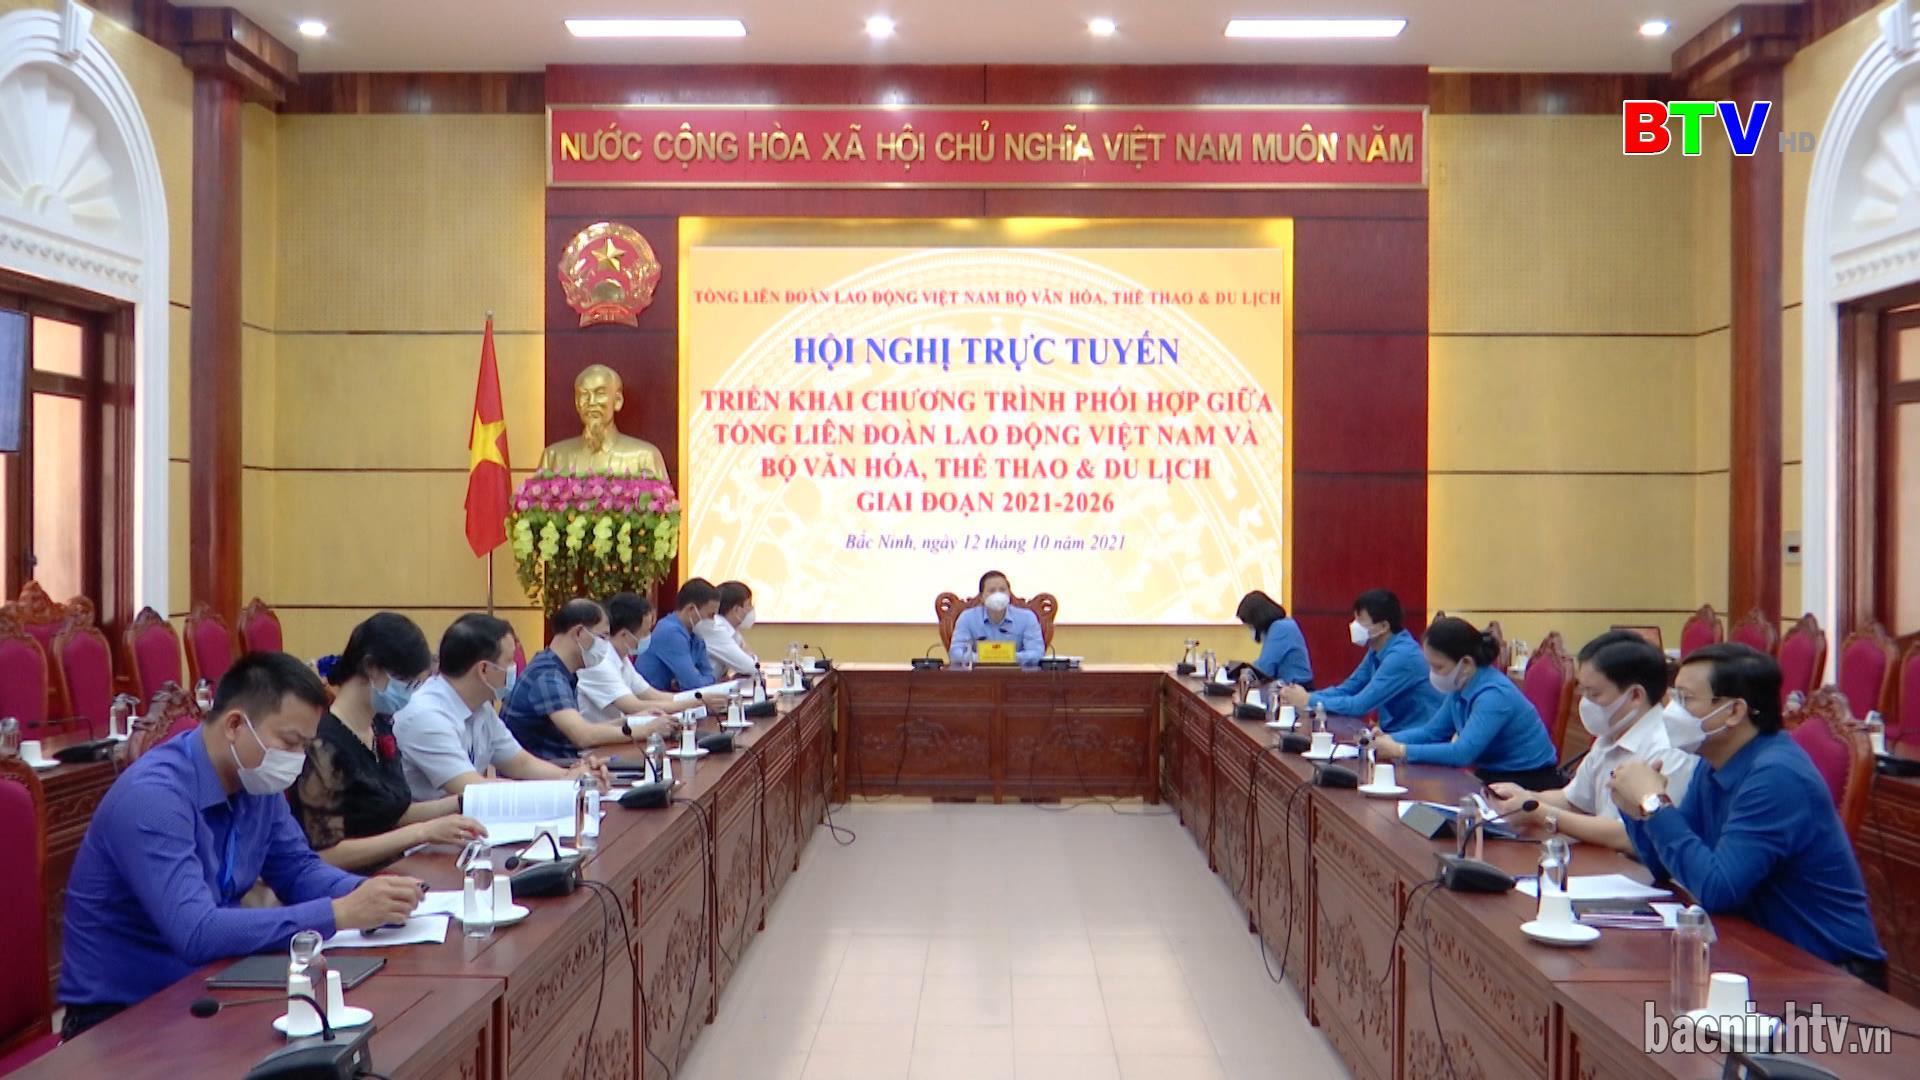 Triển khai Chương trình phối hợp giữa Tổng LĐLĐ Việt Nam  và Bộ VH,TT&DL giai đoạn 2021-2026